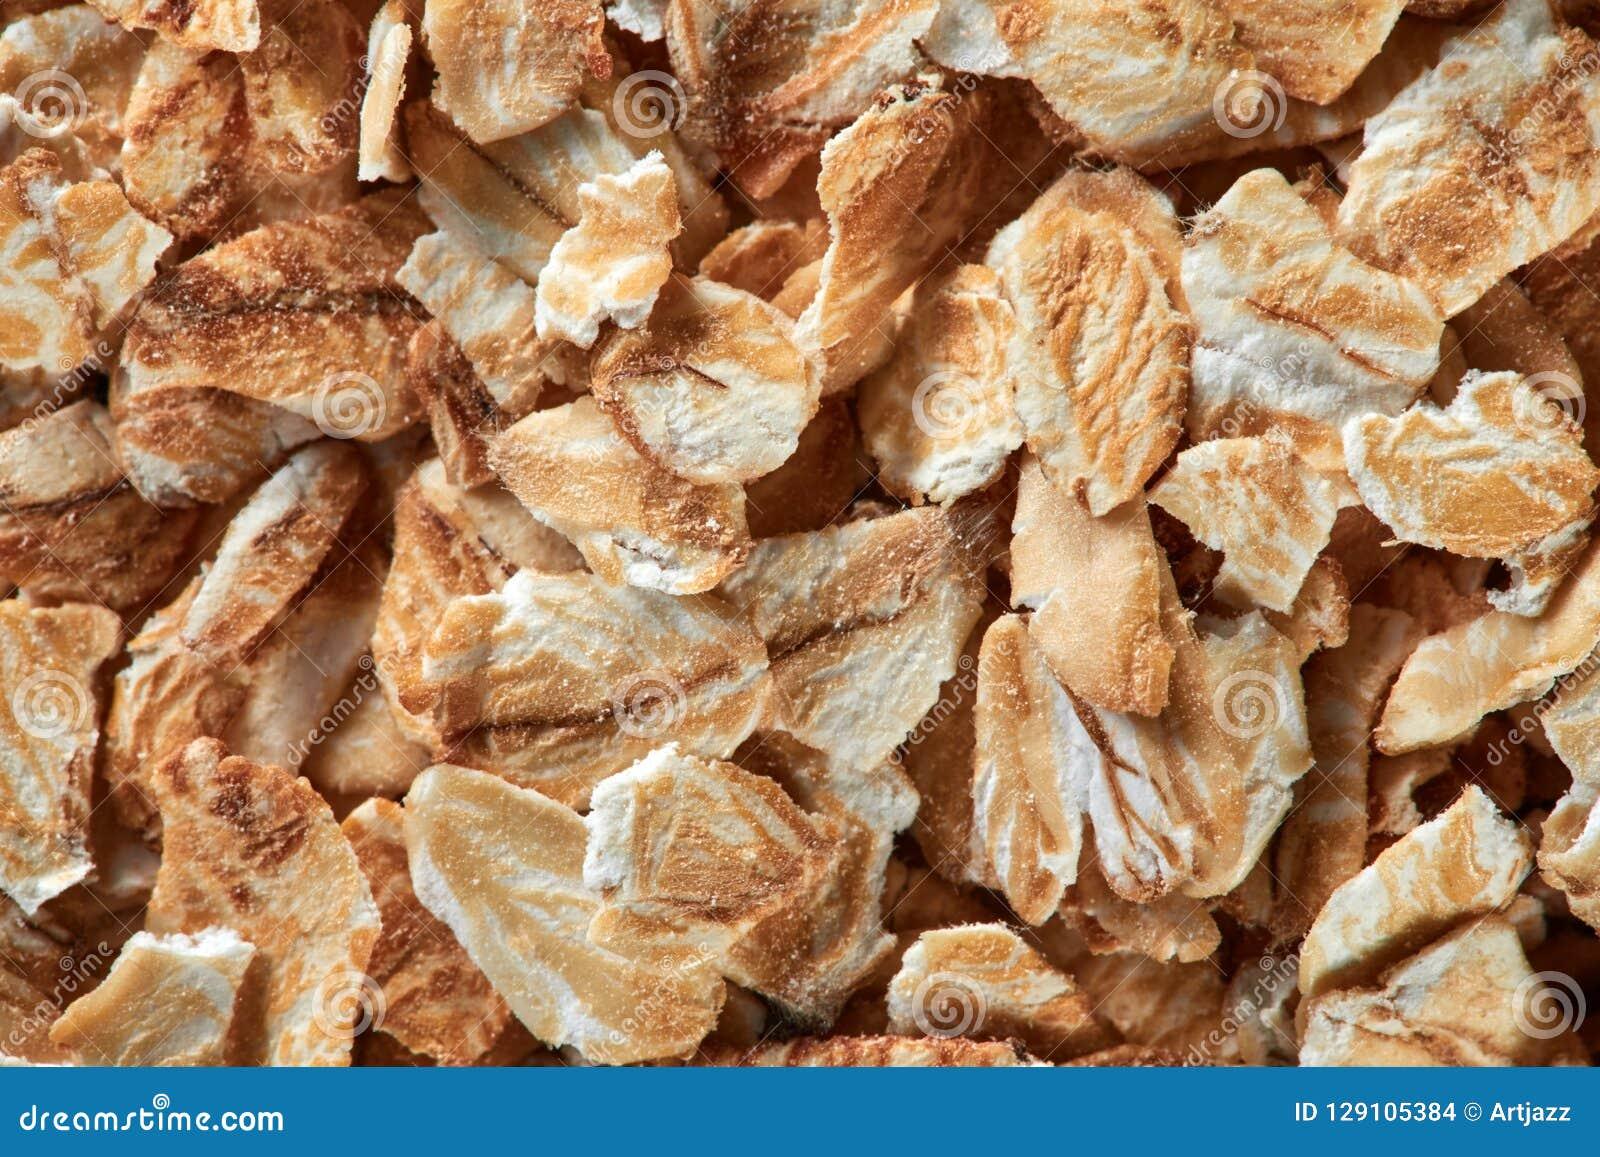 dieta sin harinas se puede comer cereales